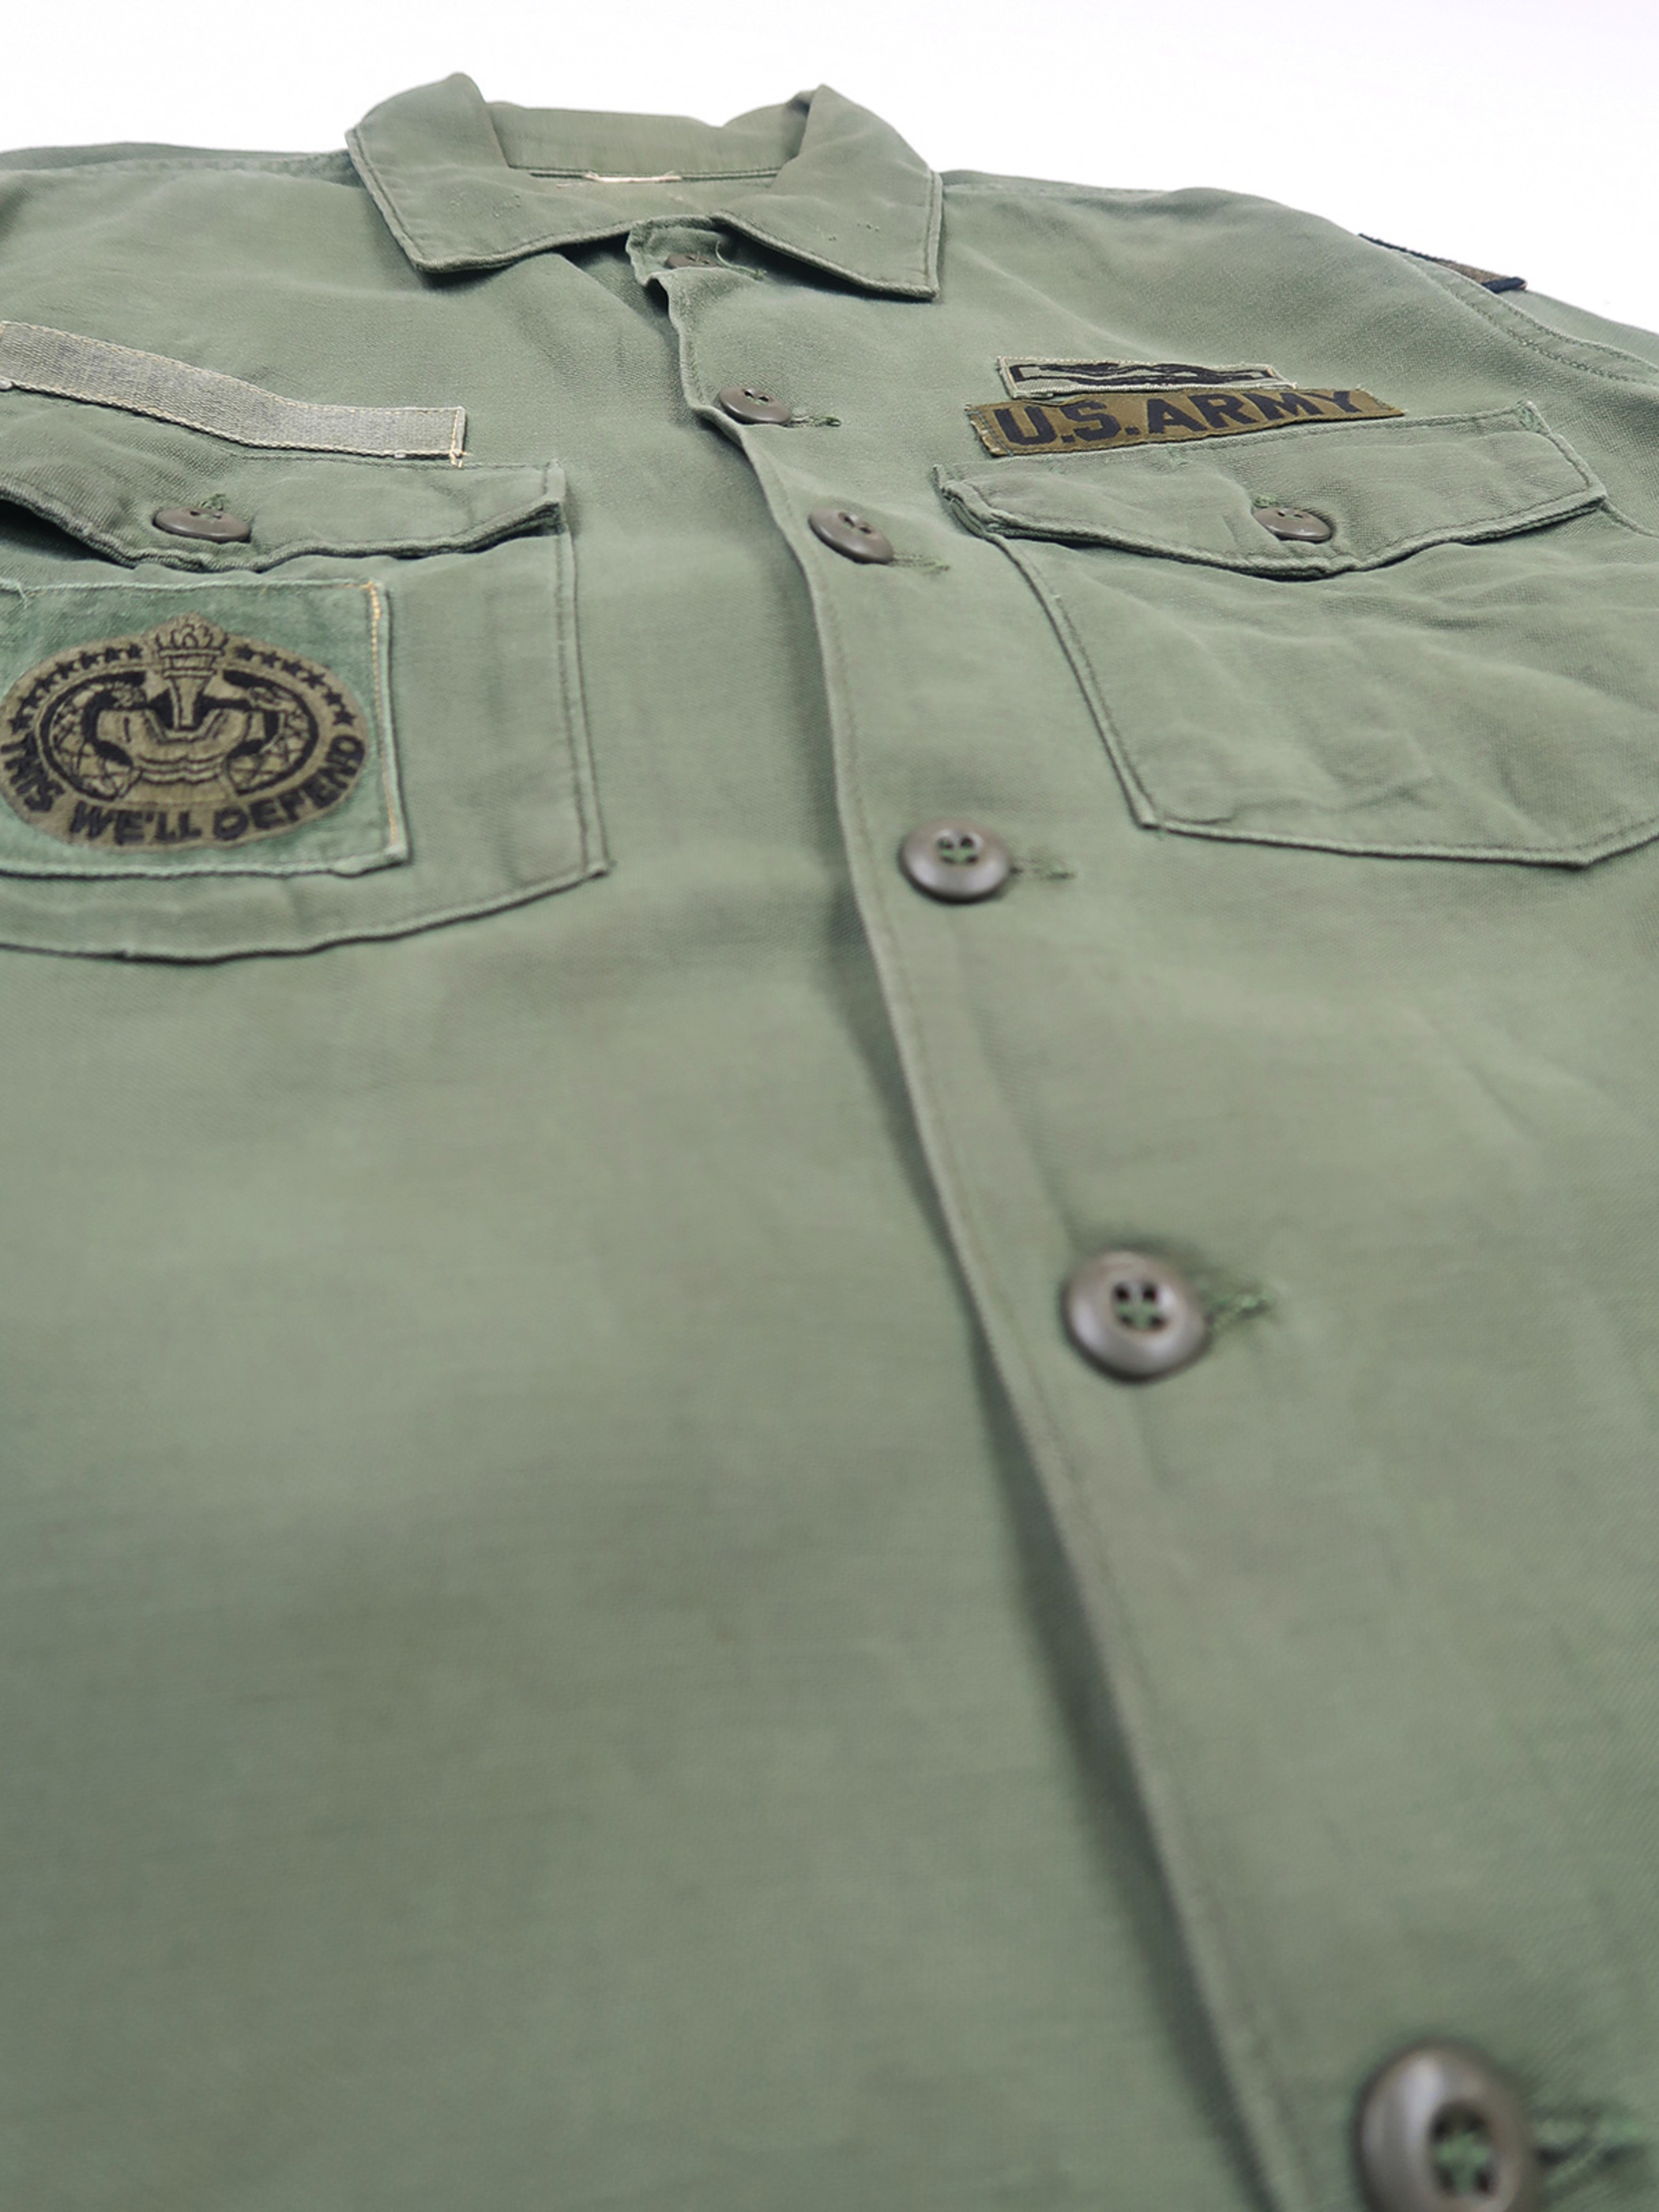 U.S.ARMY ファティーグシャツ OG107